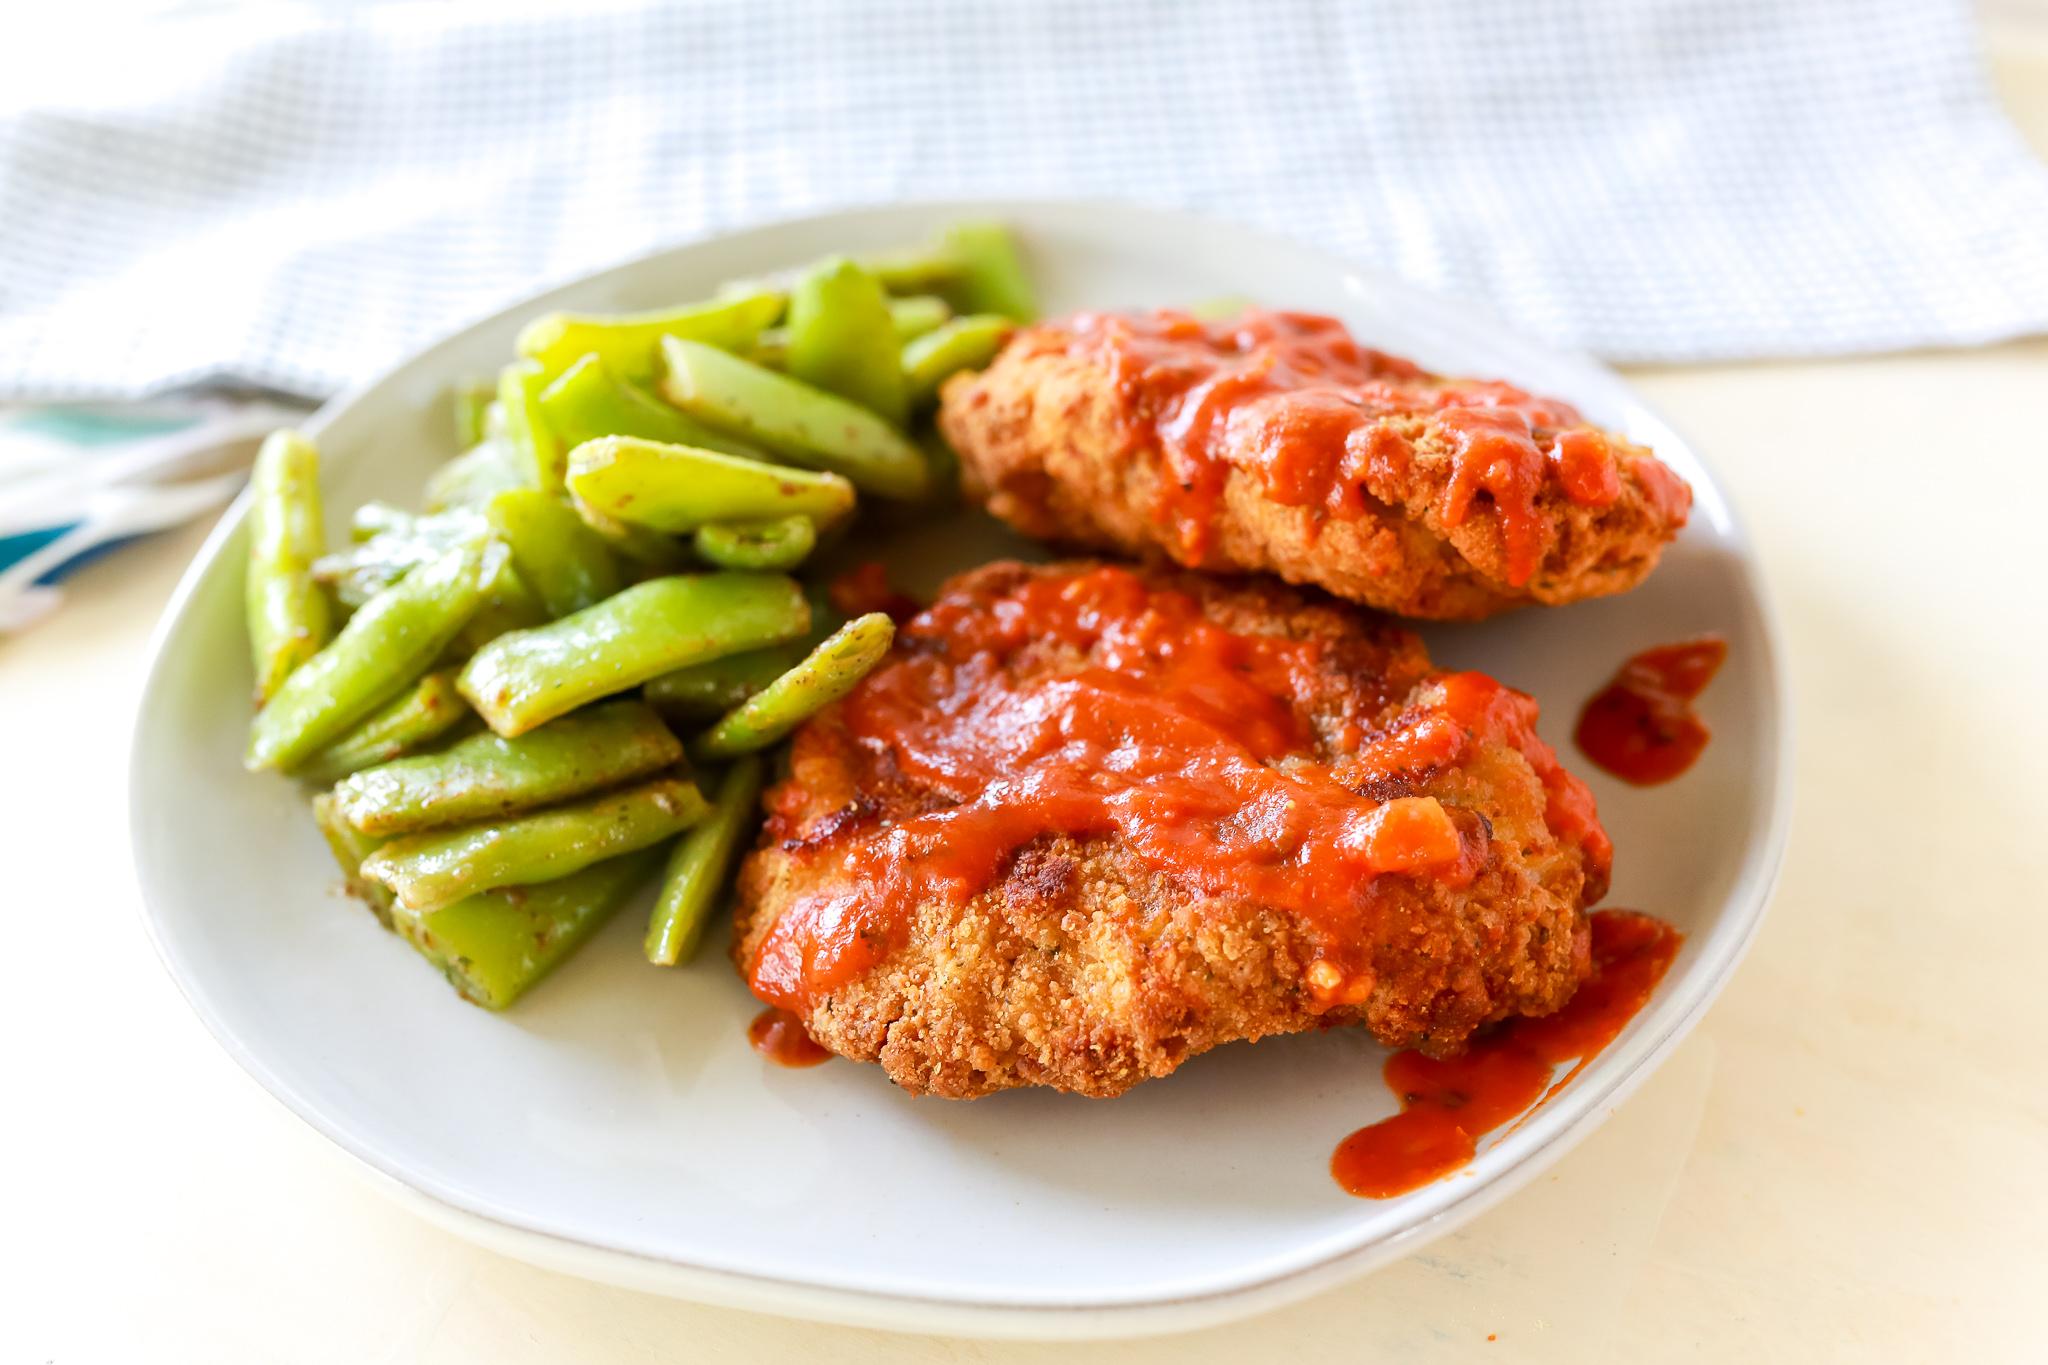 Recipe for easy chicken pomodoro